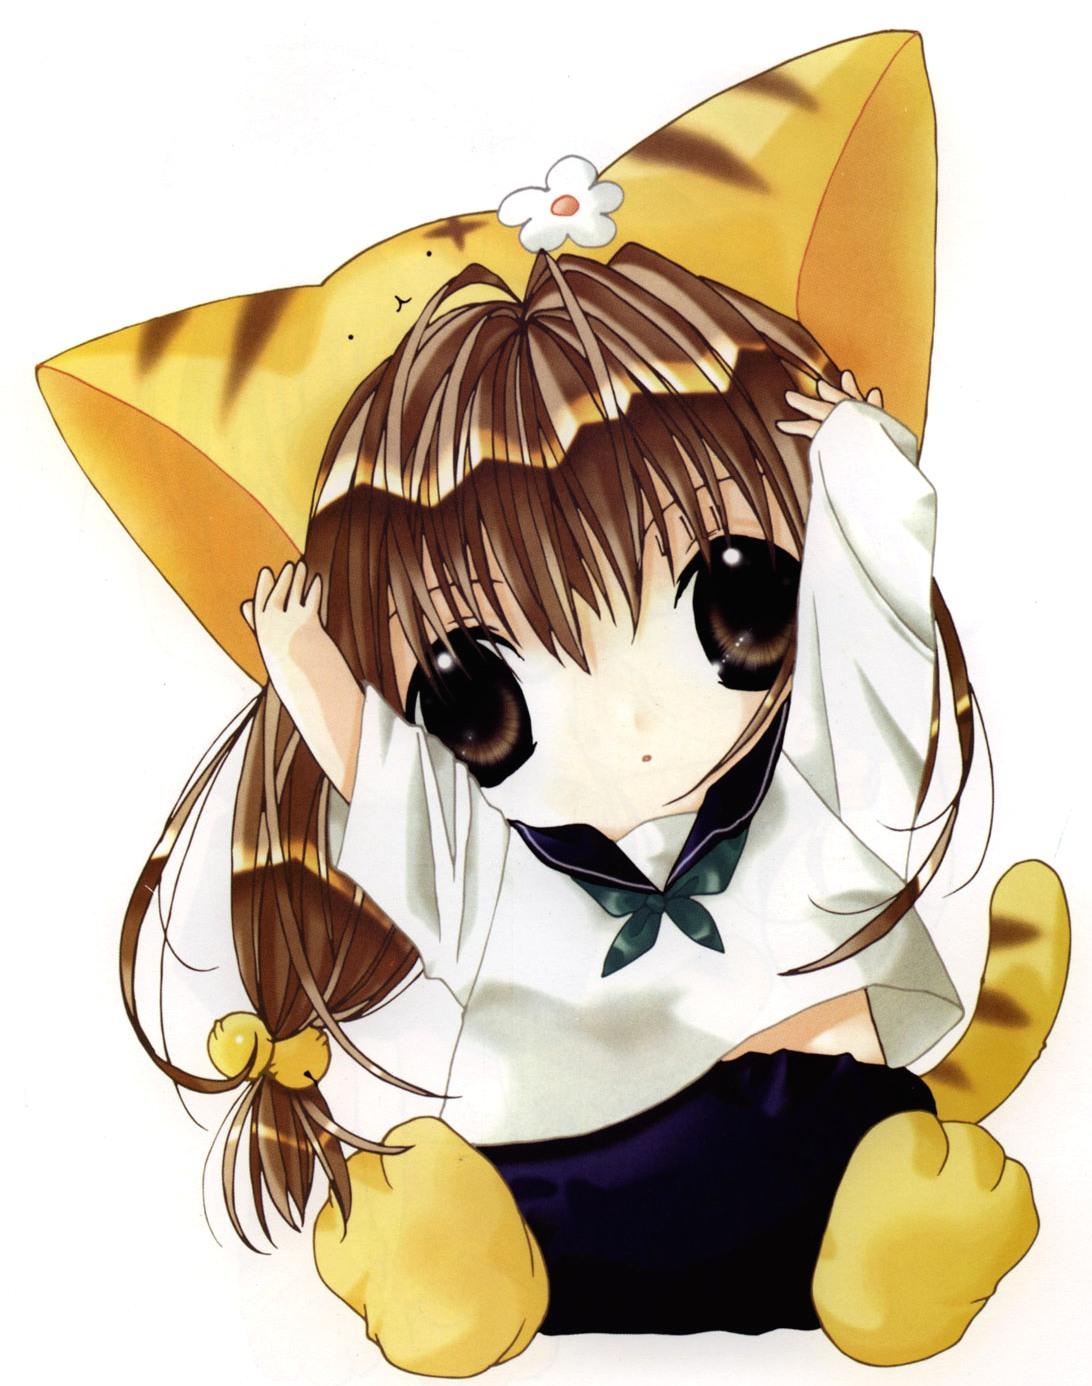 [Top 10] - Anime/Game Kawaii Puchiko.full.30829